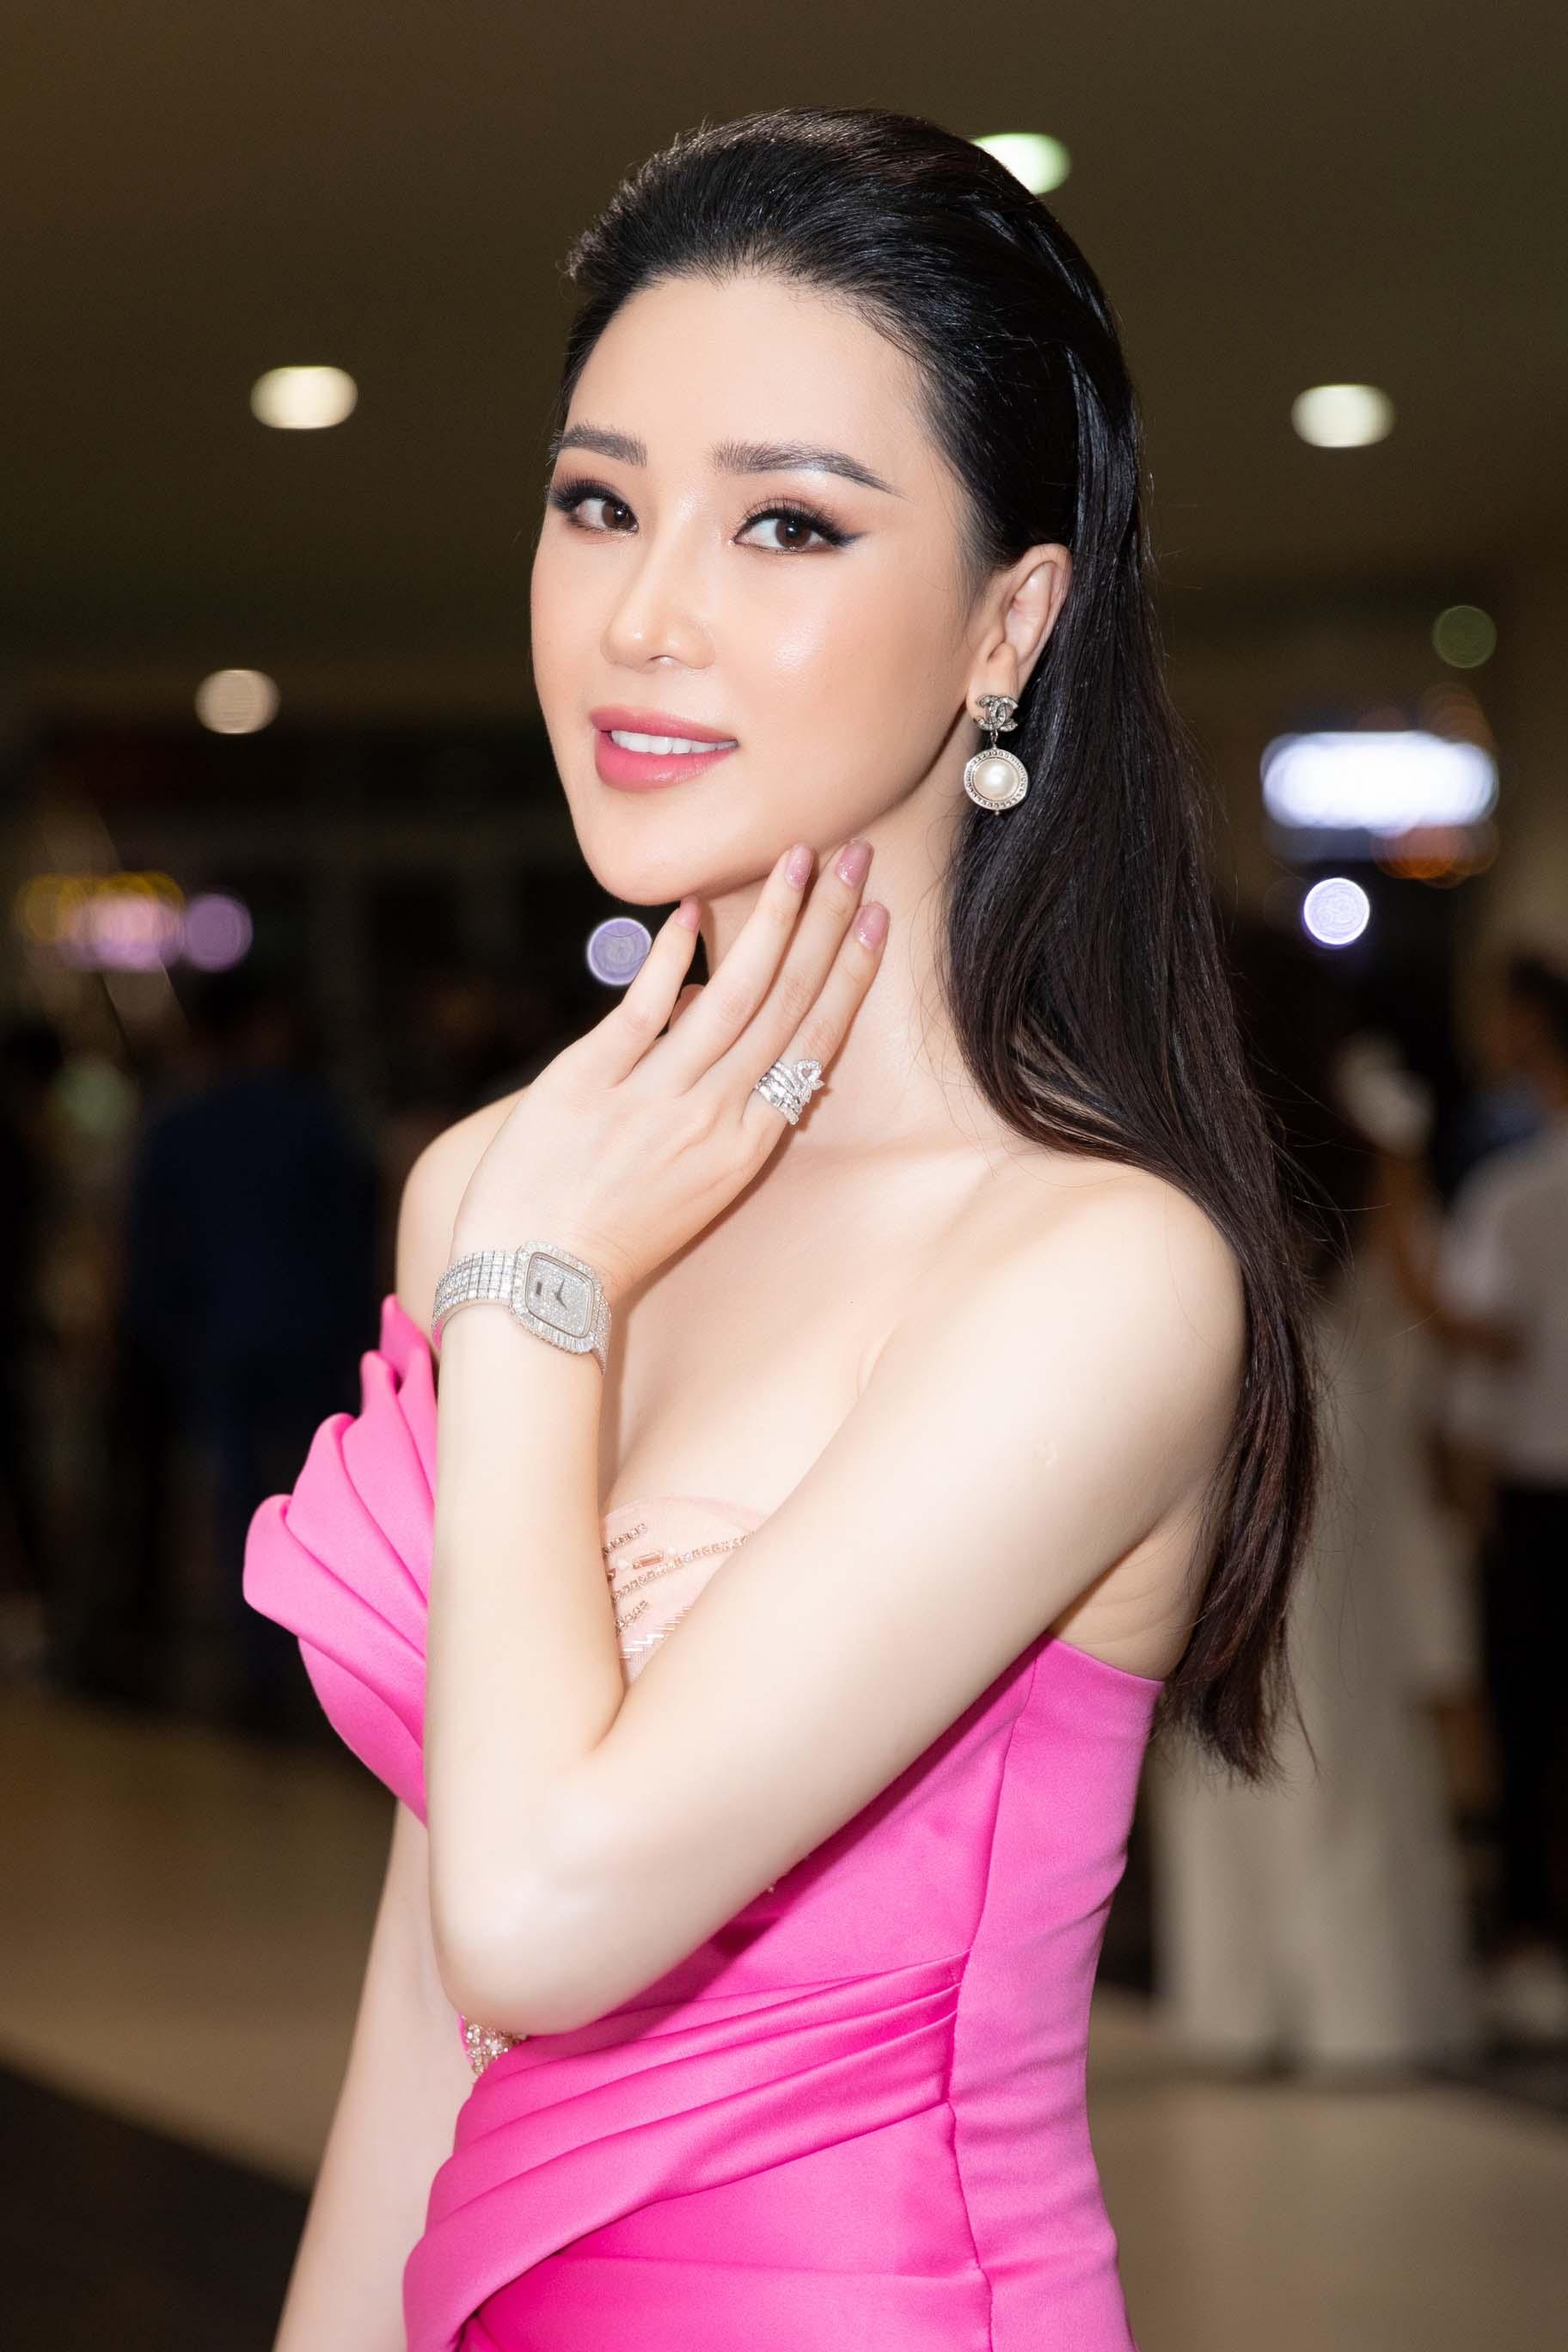 """Thái Như Ngọc: """"Hoa hậu Đỗ Thị Hà không chỉ đẹp mà thông minh"""" - hình ảnh 1"""